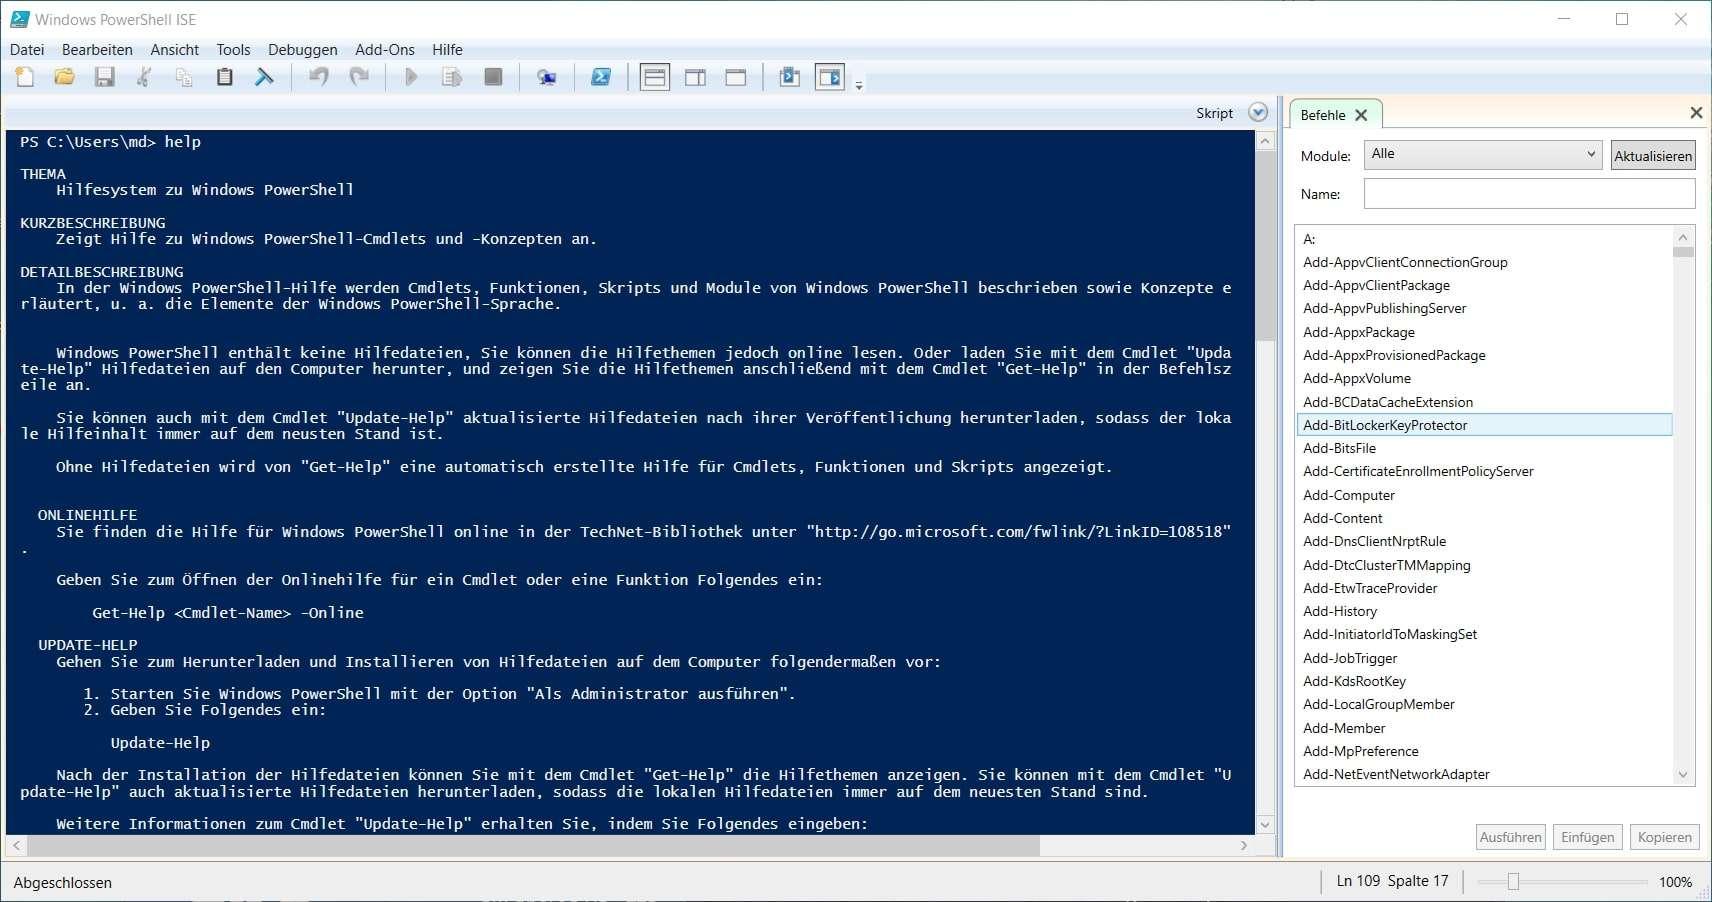 Windows PowerShell Teil 1 – Unterschied zu klassischen CMD